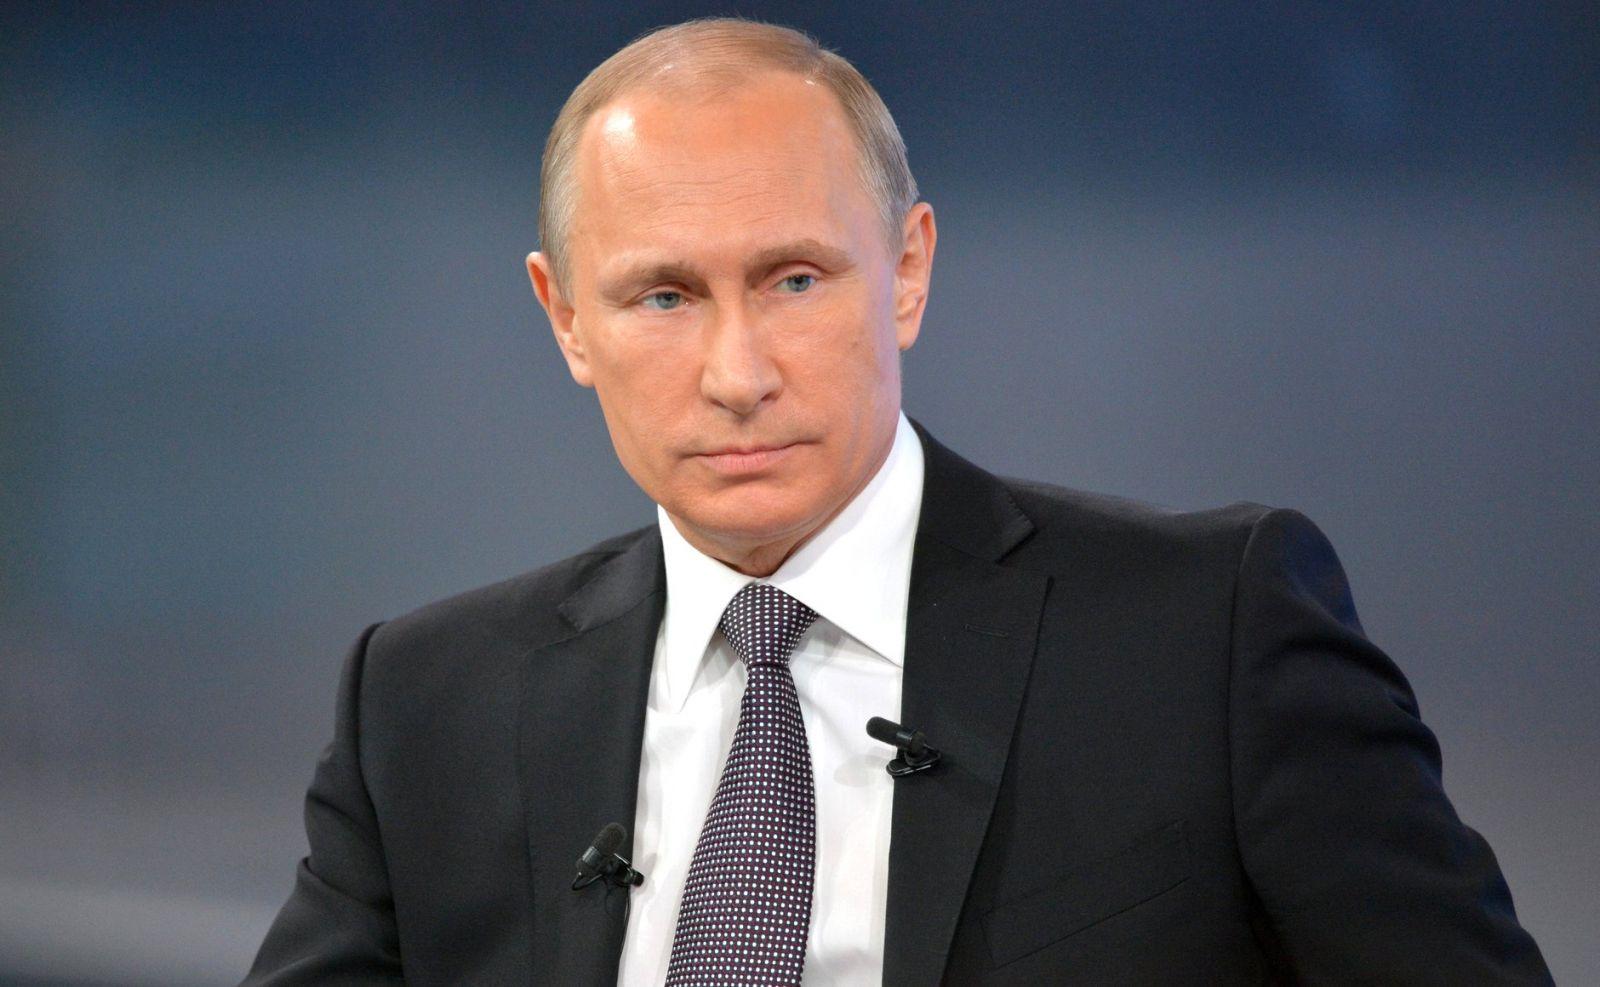 СМИ: как Путин отреагировал на провокации авиации РФ против ВМС США